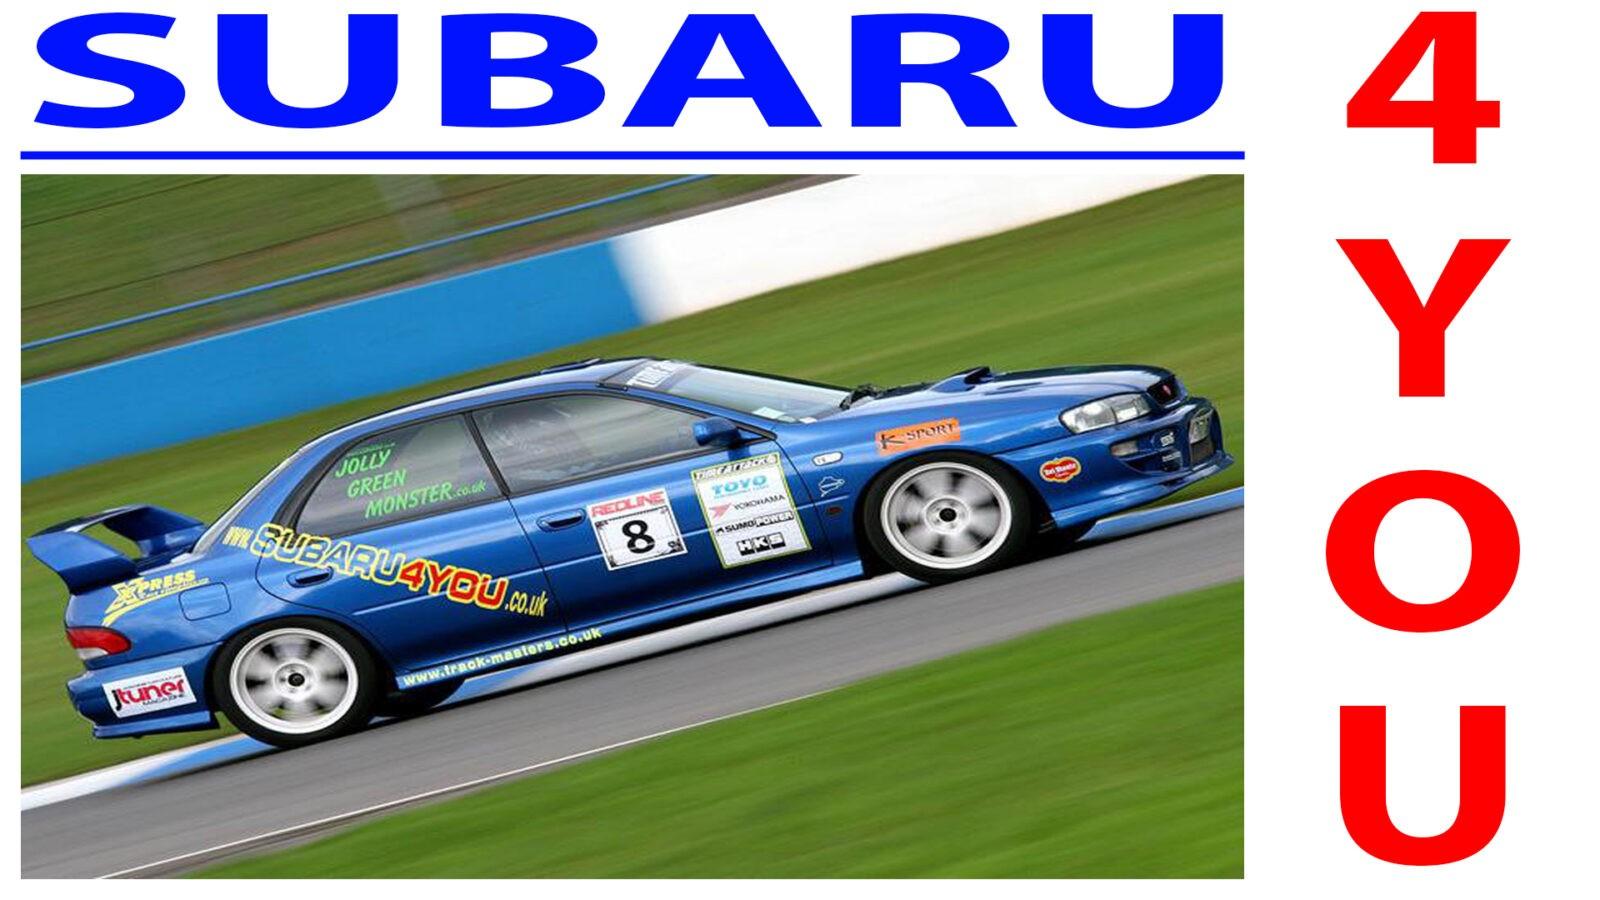 Subaru4You